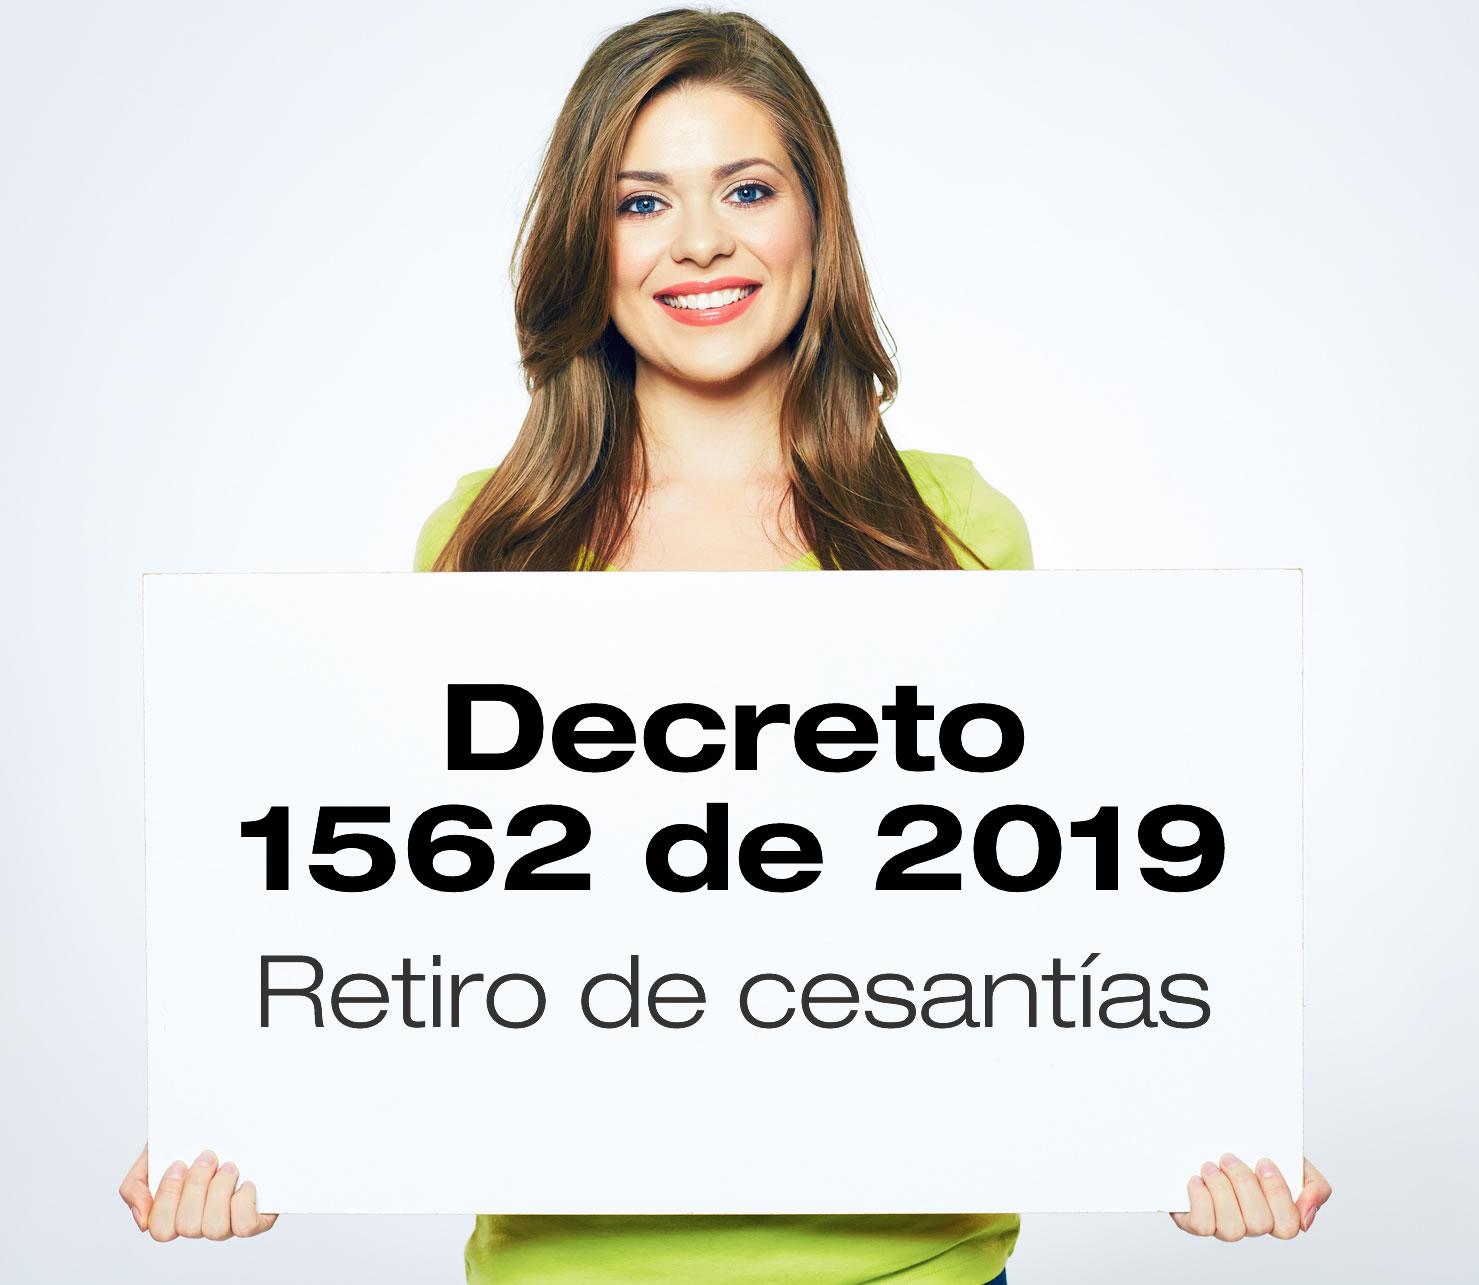 El Decreto 1562 de 2019 reglamenta el retiro de cesantías